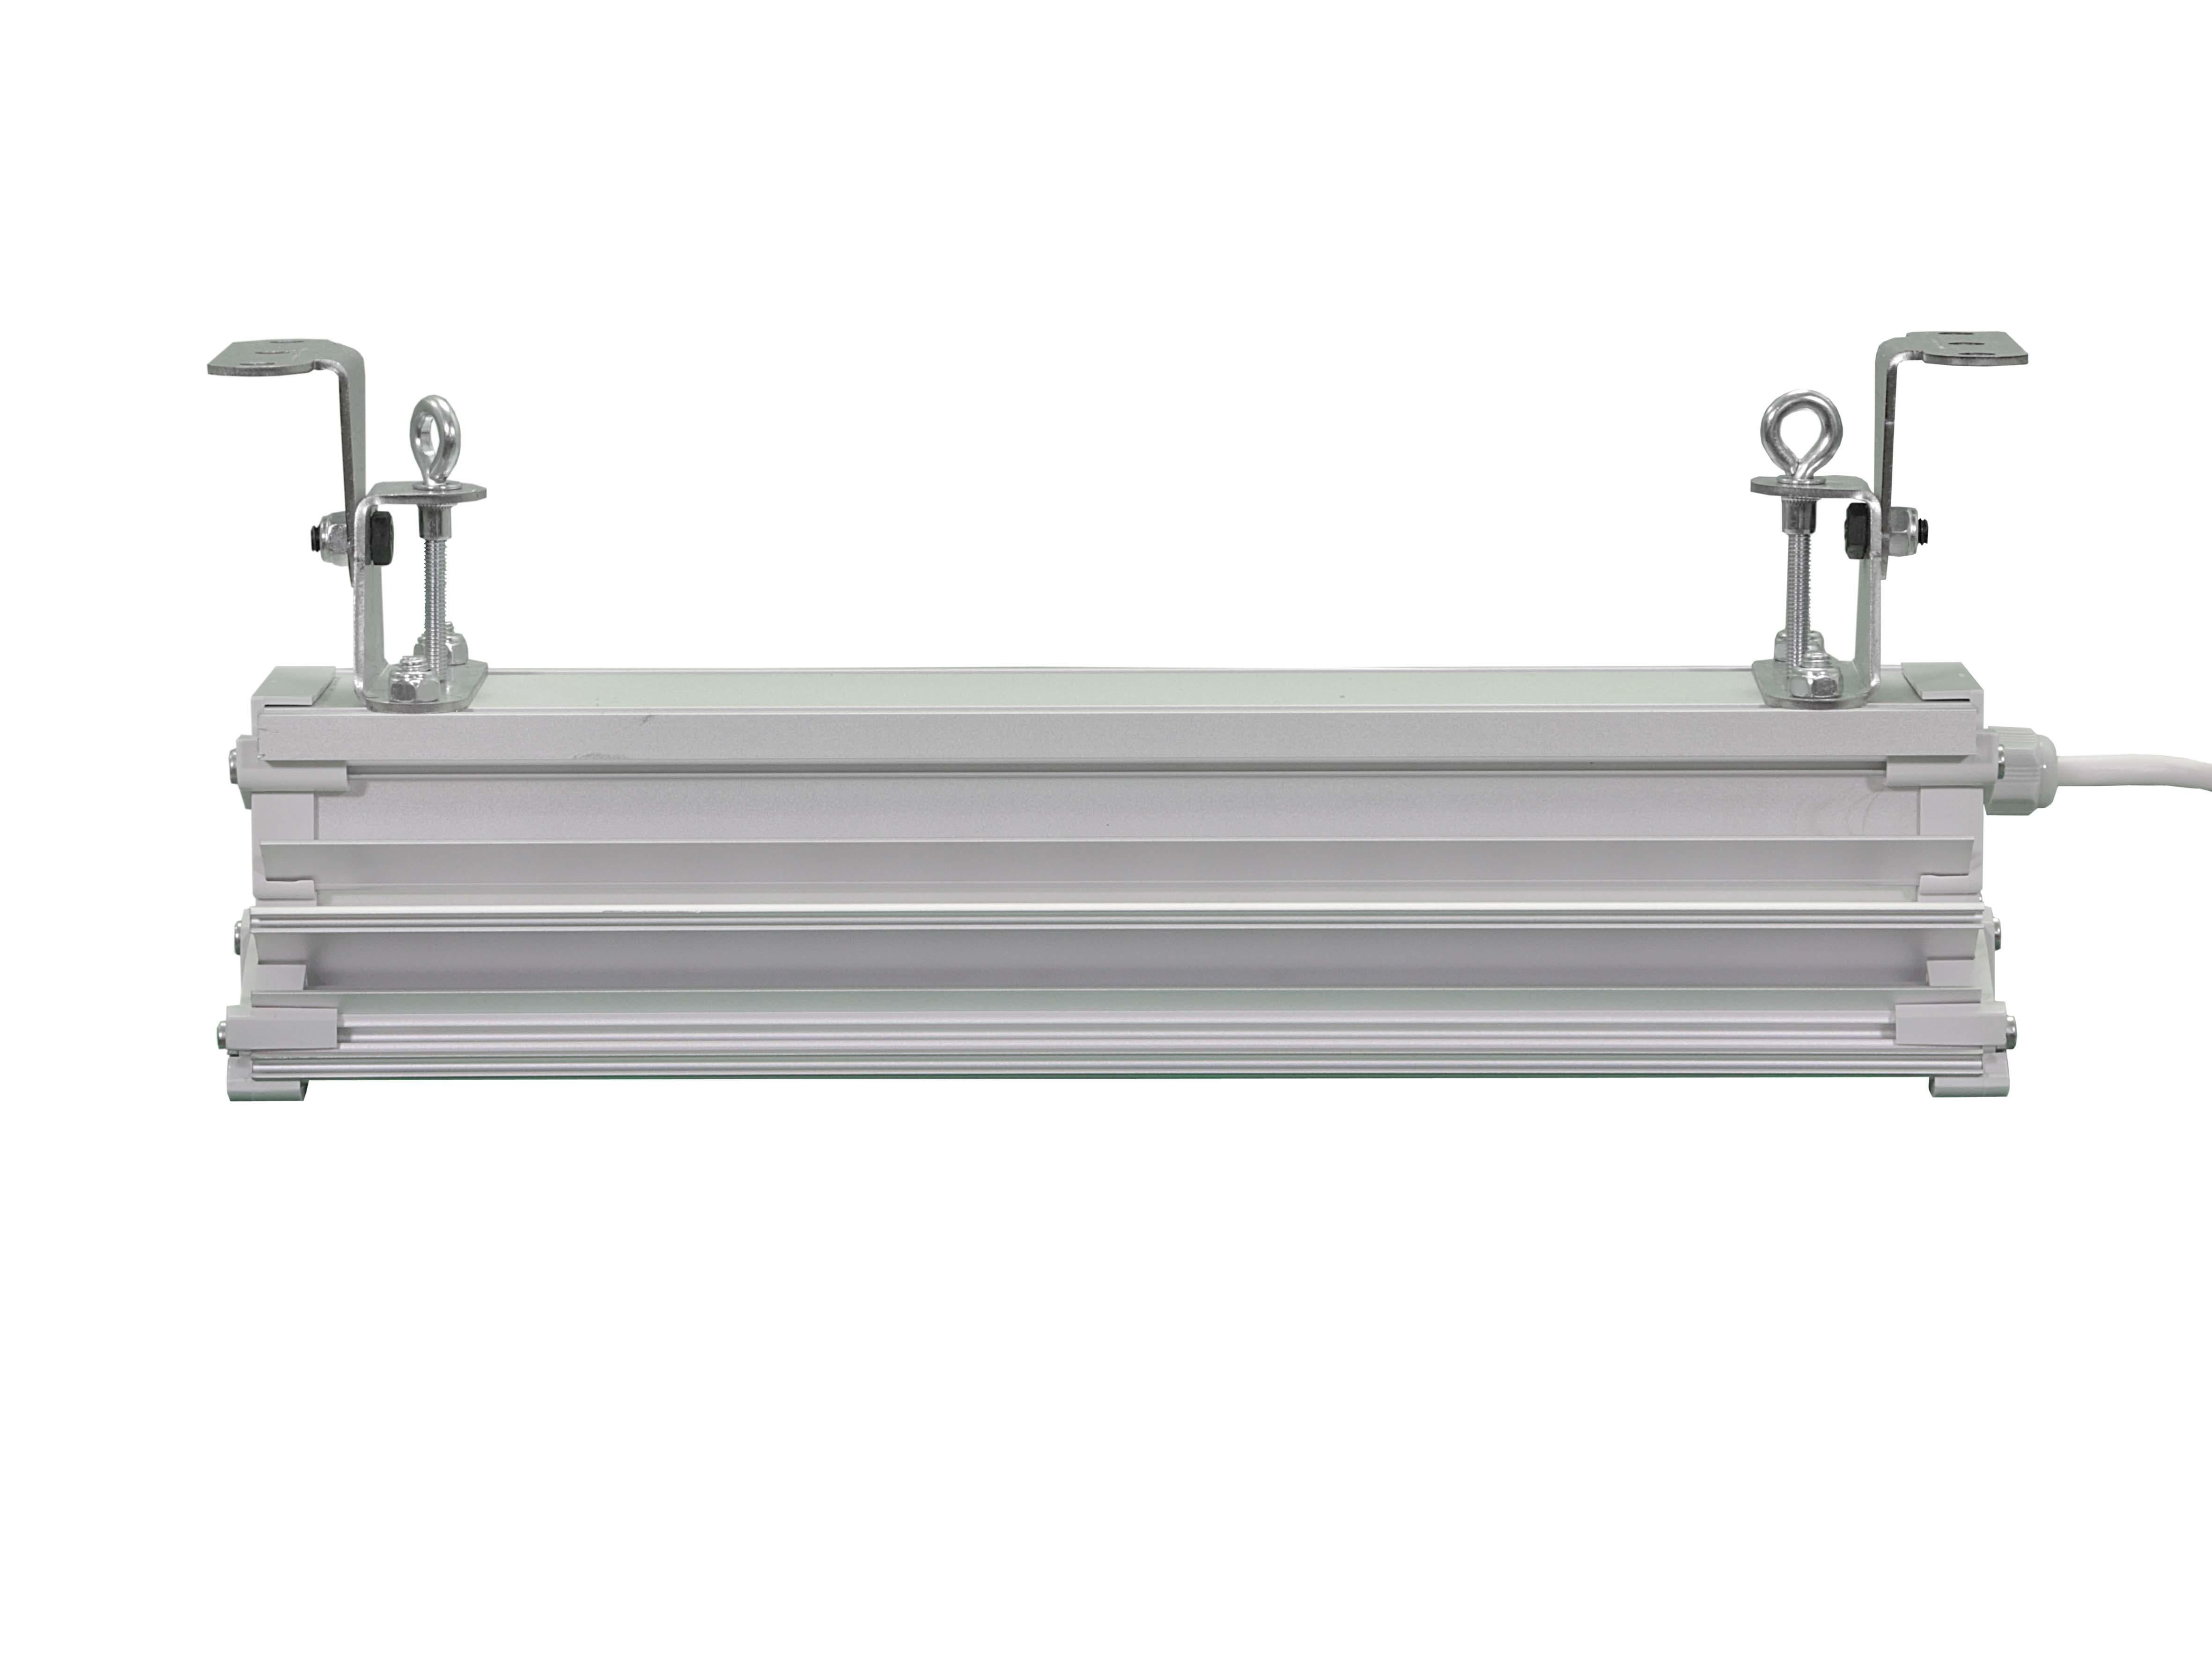 Промышленный светодиодный светильник ДСП-Алюм-27 Стандарт 27Вт 2560Лм